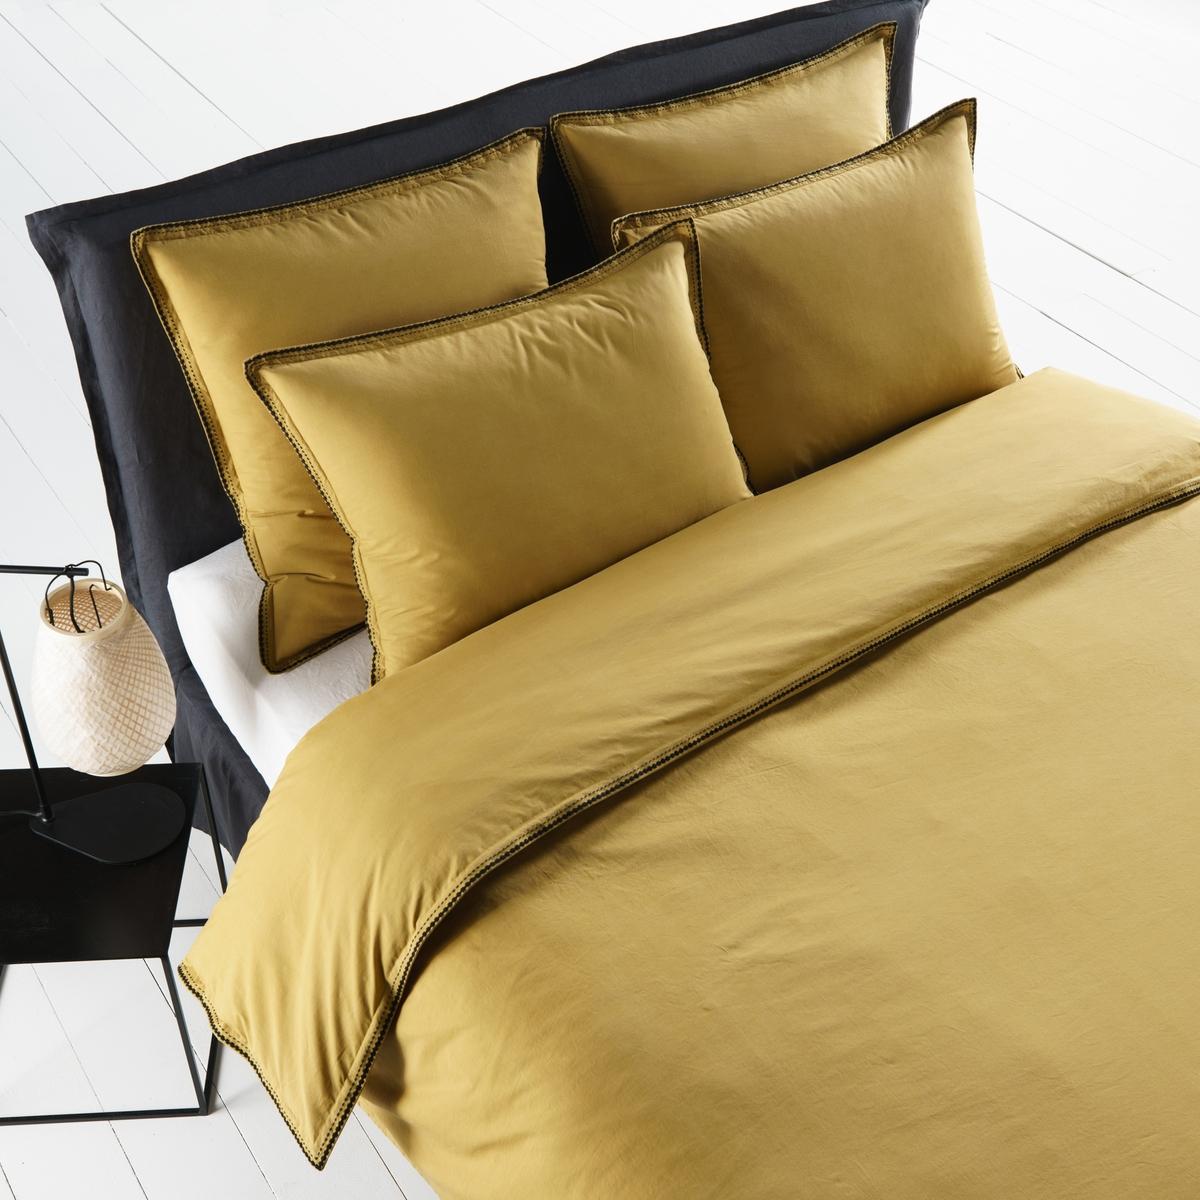 цена Пододеяльник La Redoute Из стираной перкали Linostole 260 x 240 см желтый онлайн в 2017 году